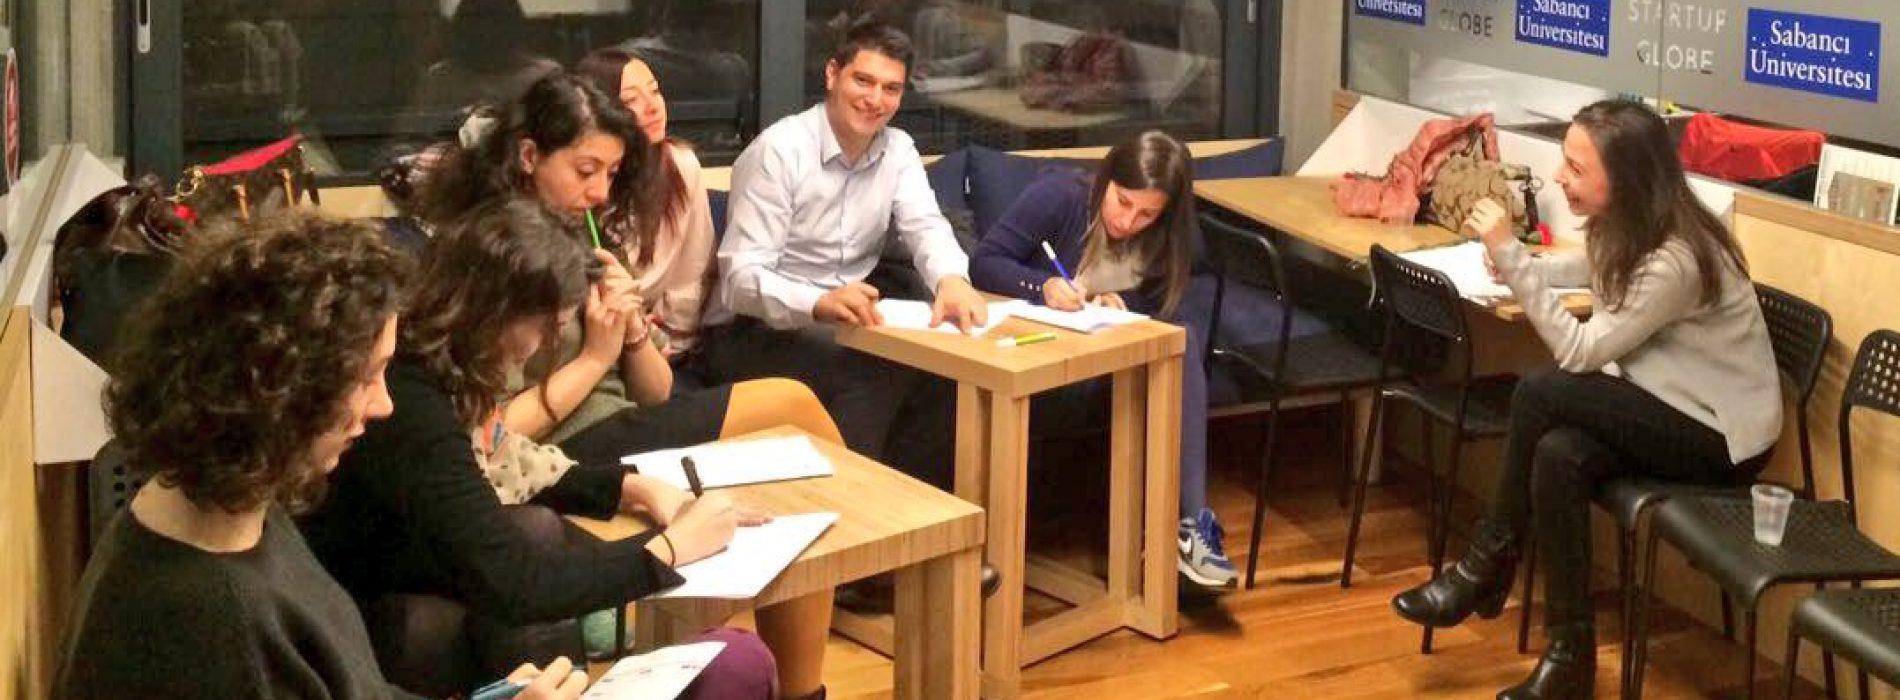 SU Cool ve SÜMED İşbirliği ile Düzenlenen Girişimcilik Çalıştayları